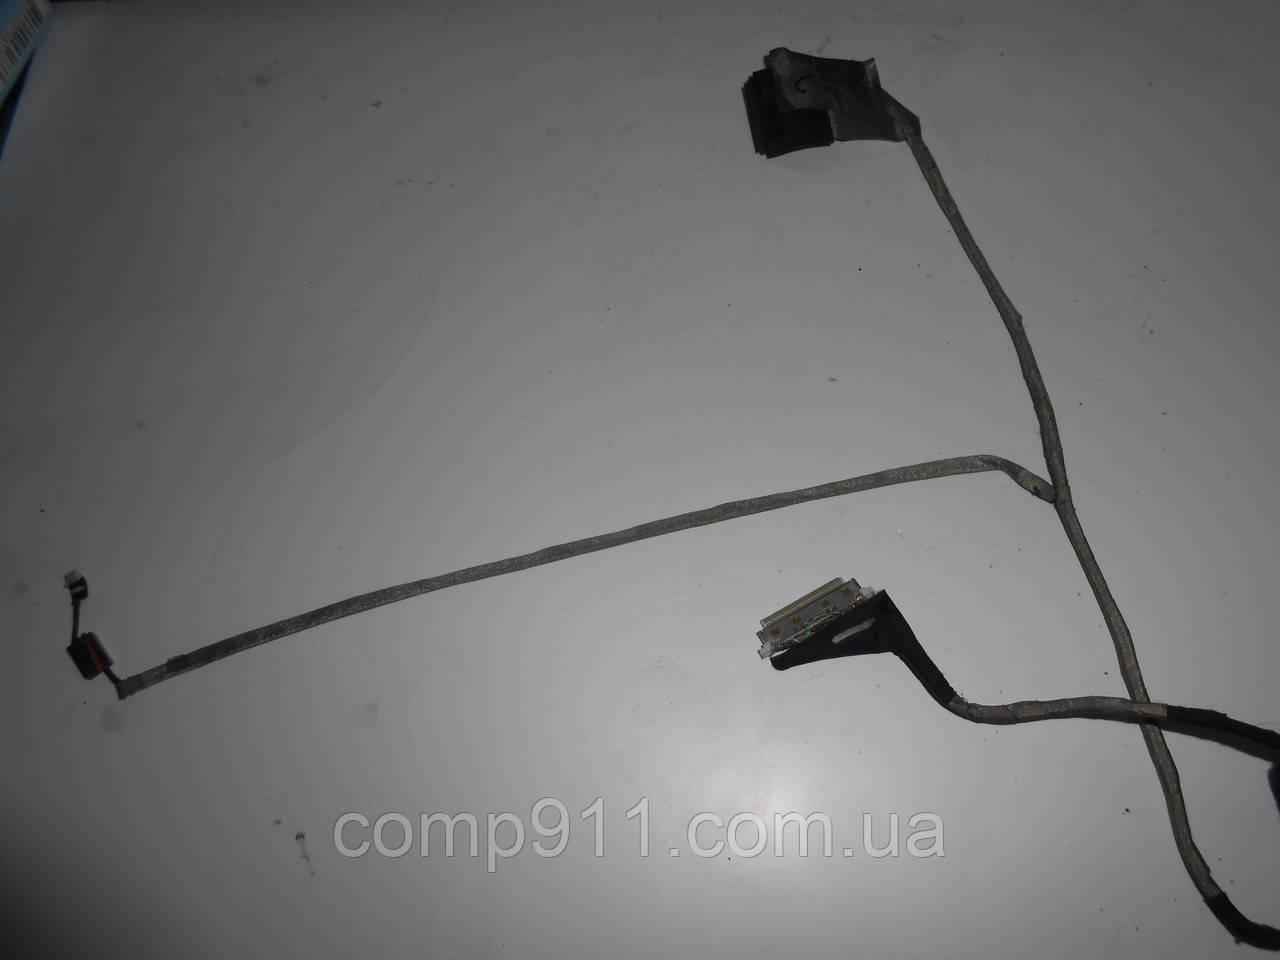 Шлейф для ноутбука матрицы Acer Aspire E1-571, E1-571G, V3-571, V3-571G